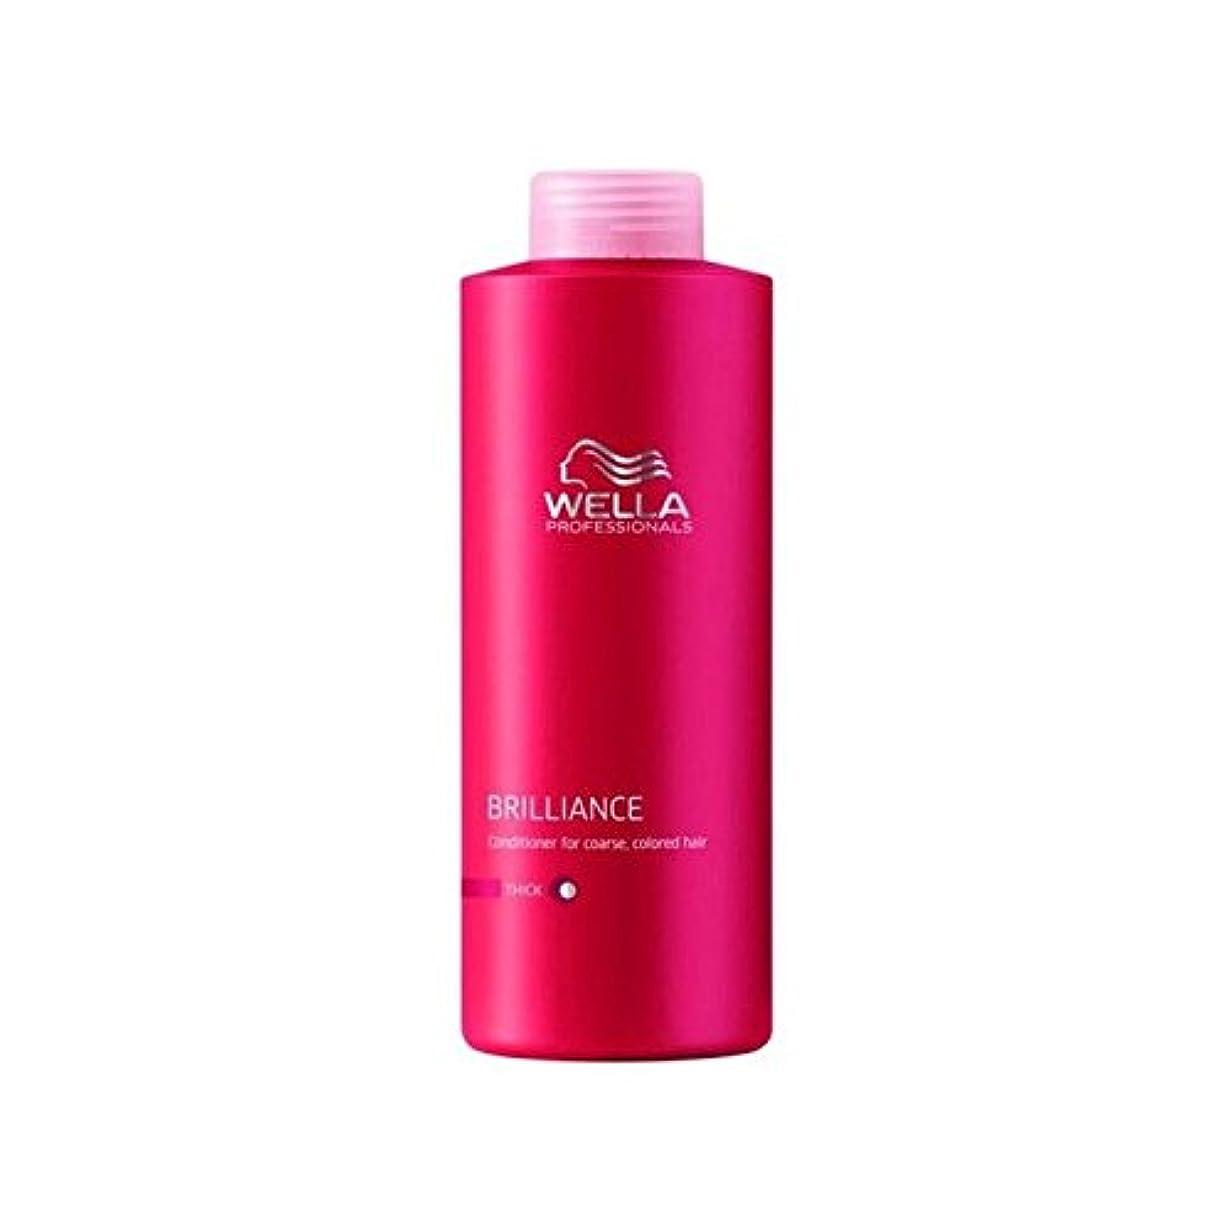 胚遵守する素晴らしい良い多くのウェラの専門家は粗いコンディショナー(千ミリリットル)をブリリアンス x2 - Wella Professionals Brilliance Coarse Conditioner (1000ml) (Pack of 2)...